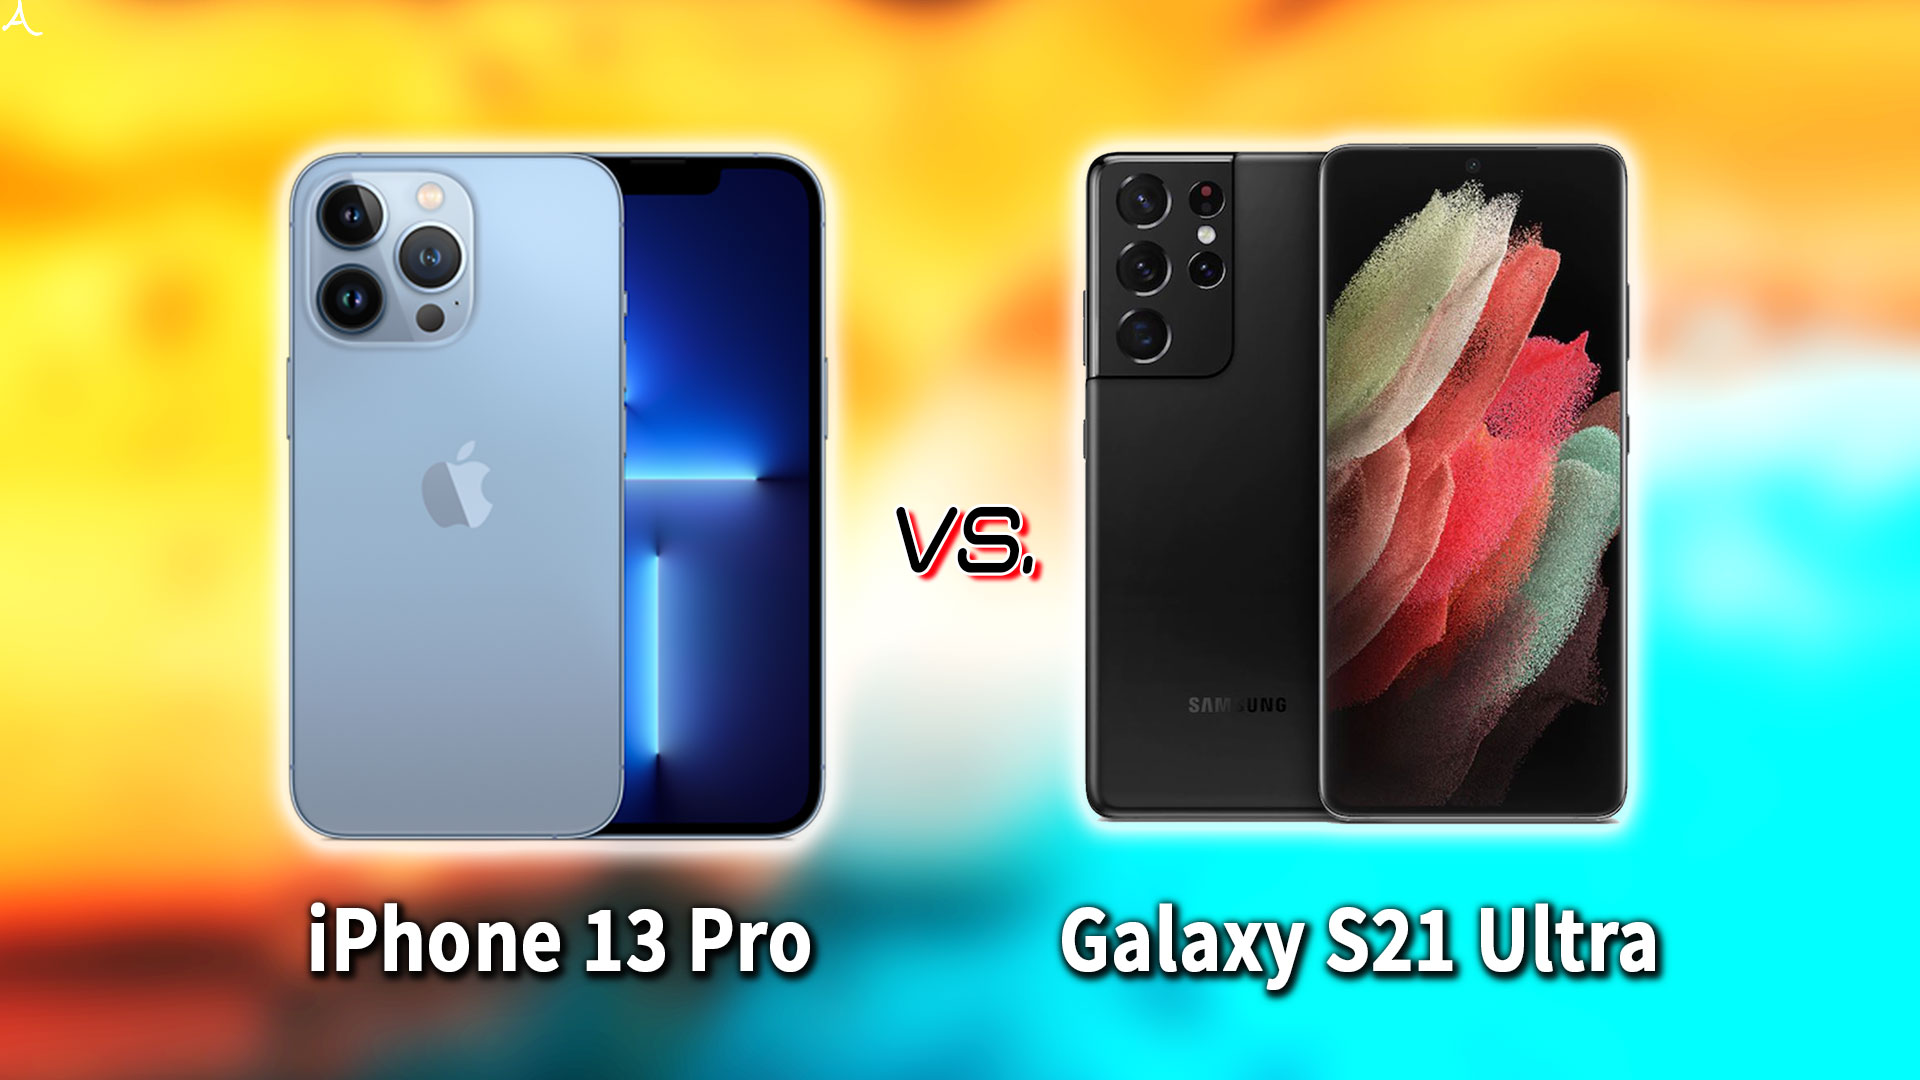 「iPhone 13 Pro」と「Galaxy S21 Ultra」の違いを比較:どっちを買う?